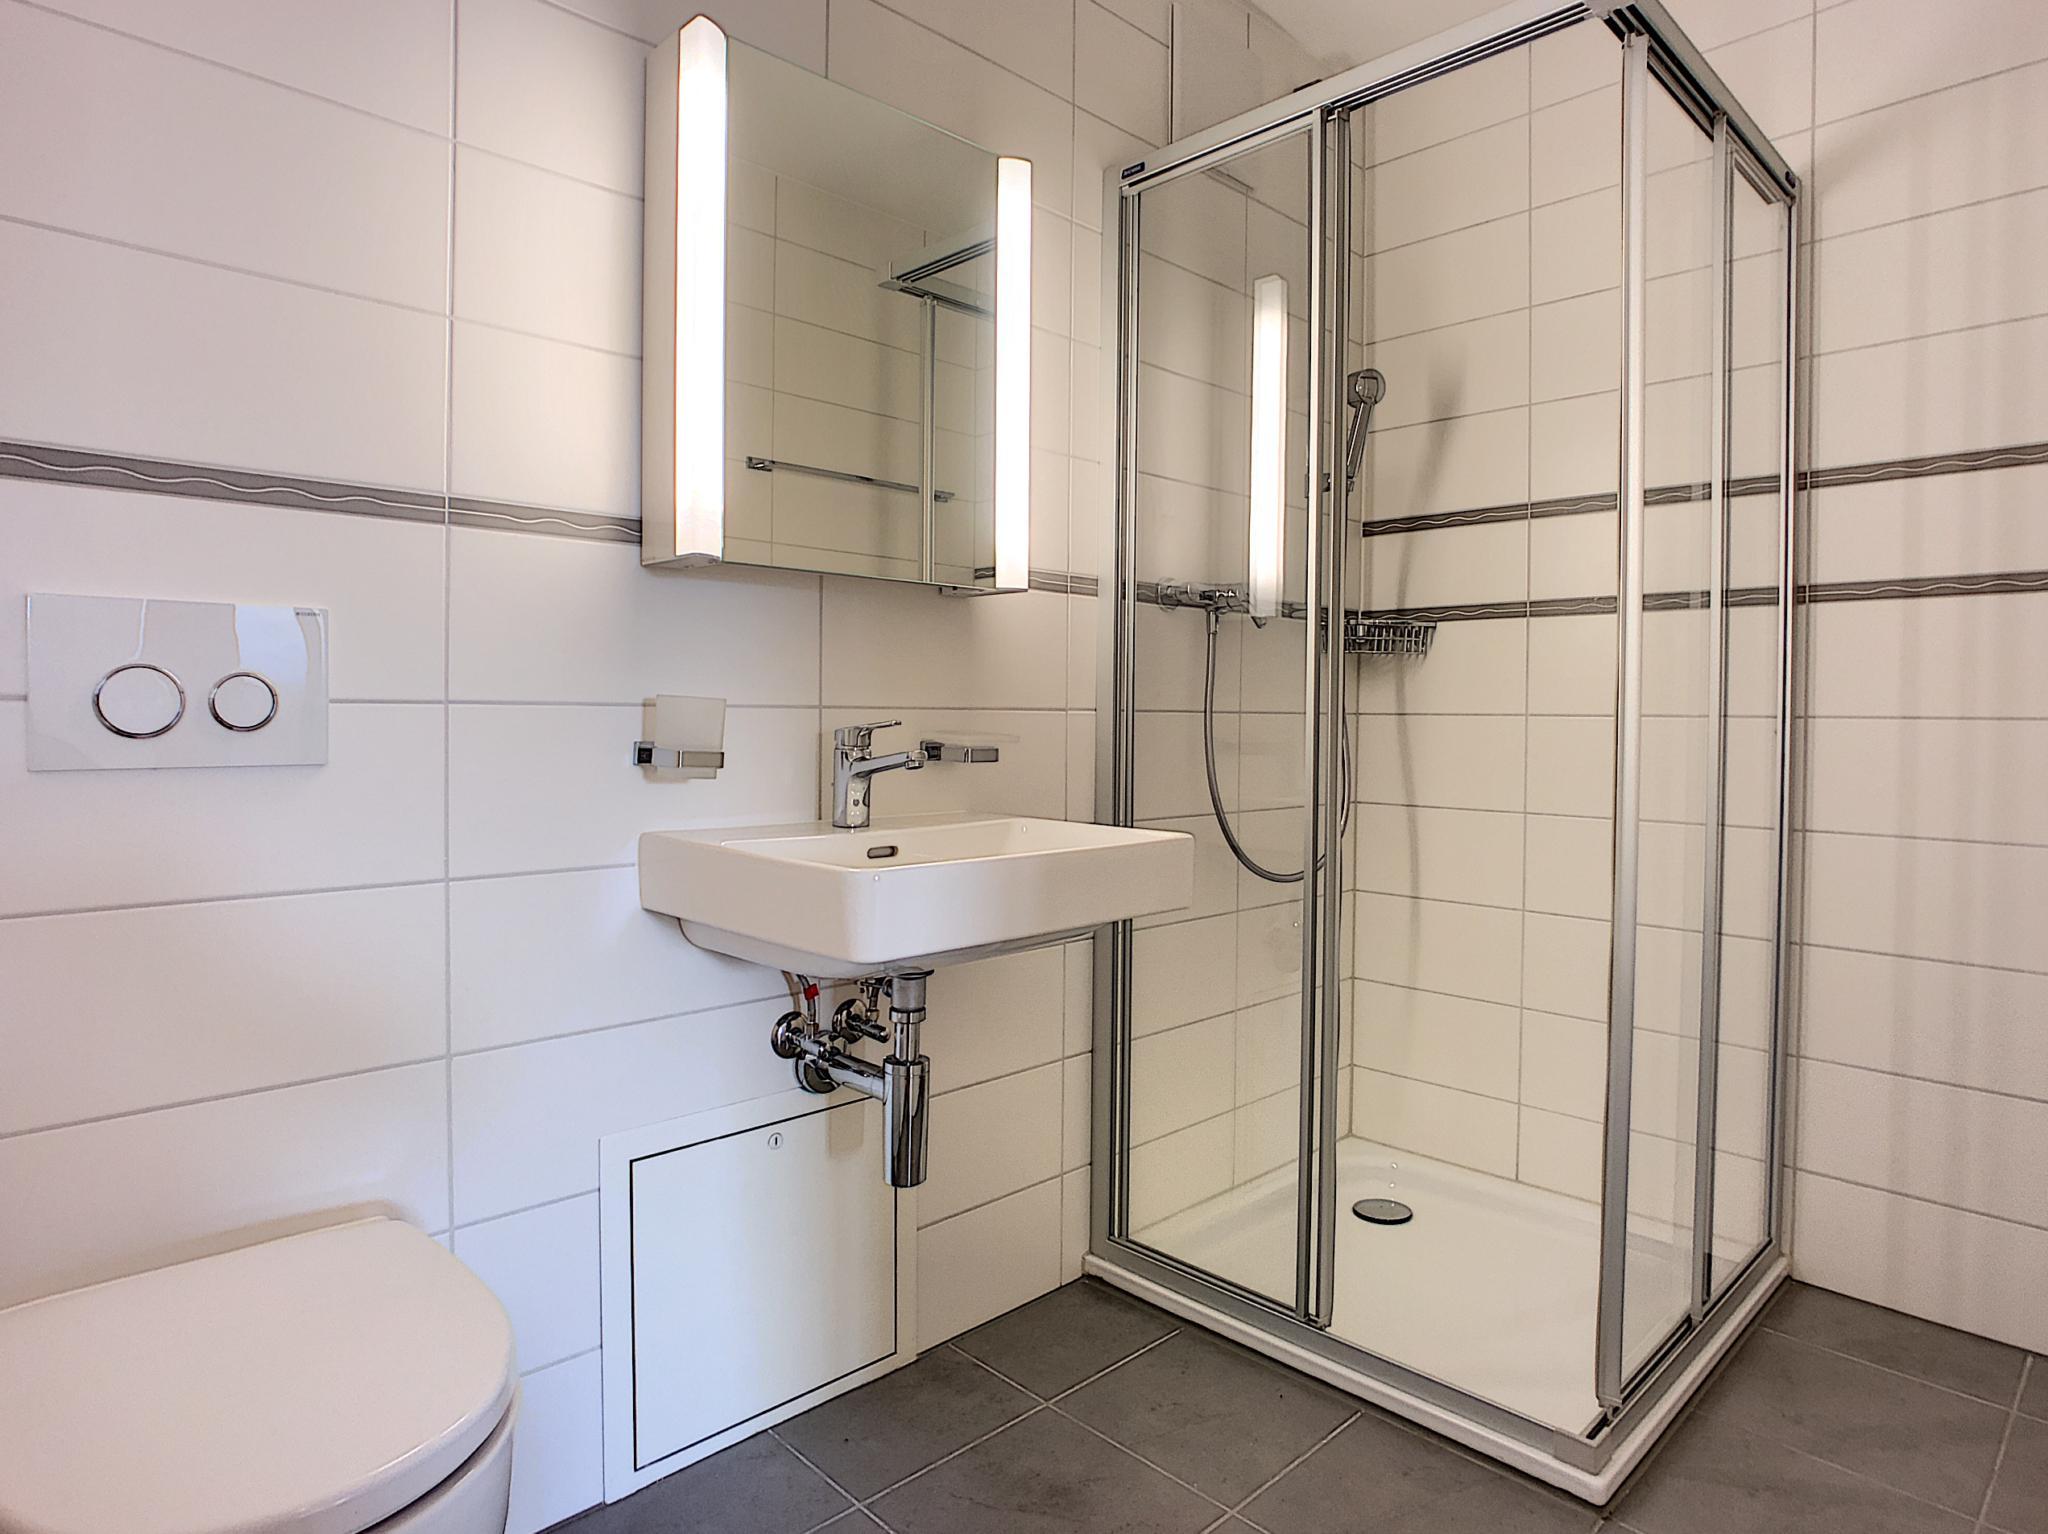 Très bel appartement neuf de 3 pièces au 2ème étage picture 4